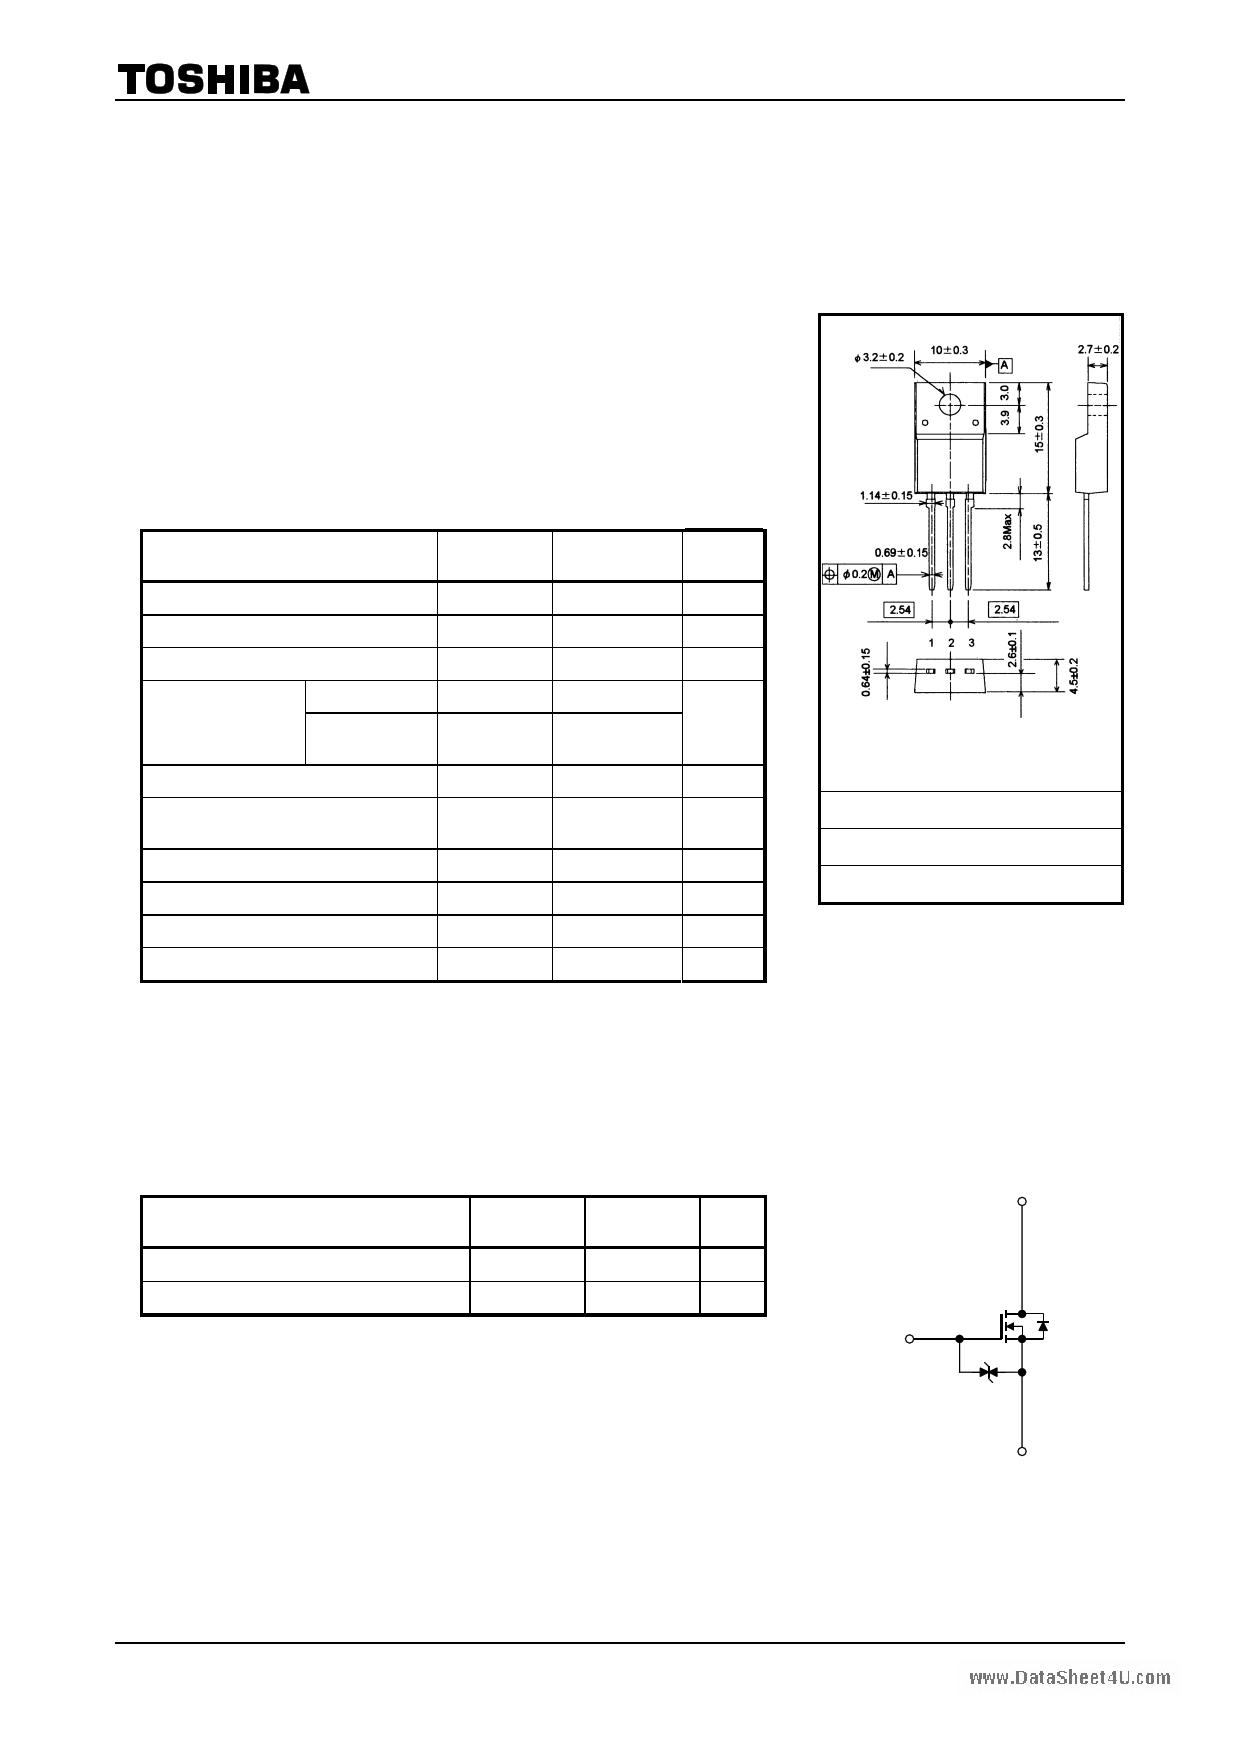 K3568 datasheet image